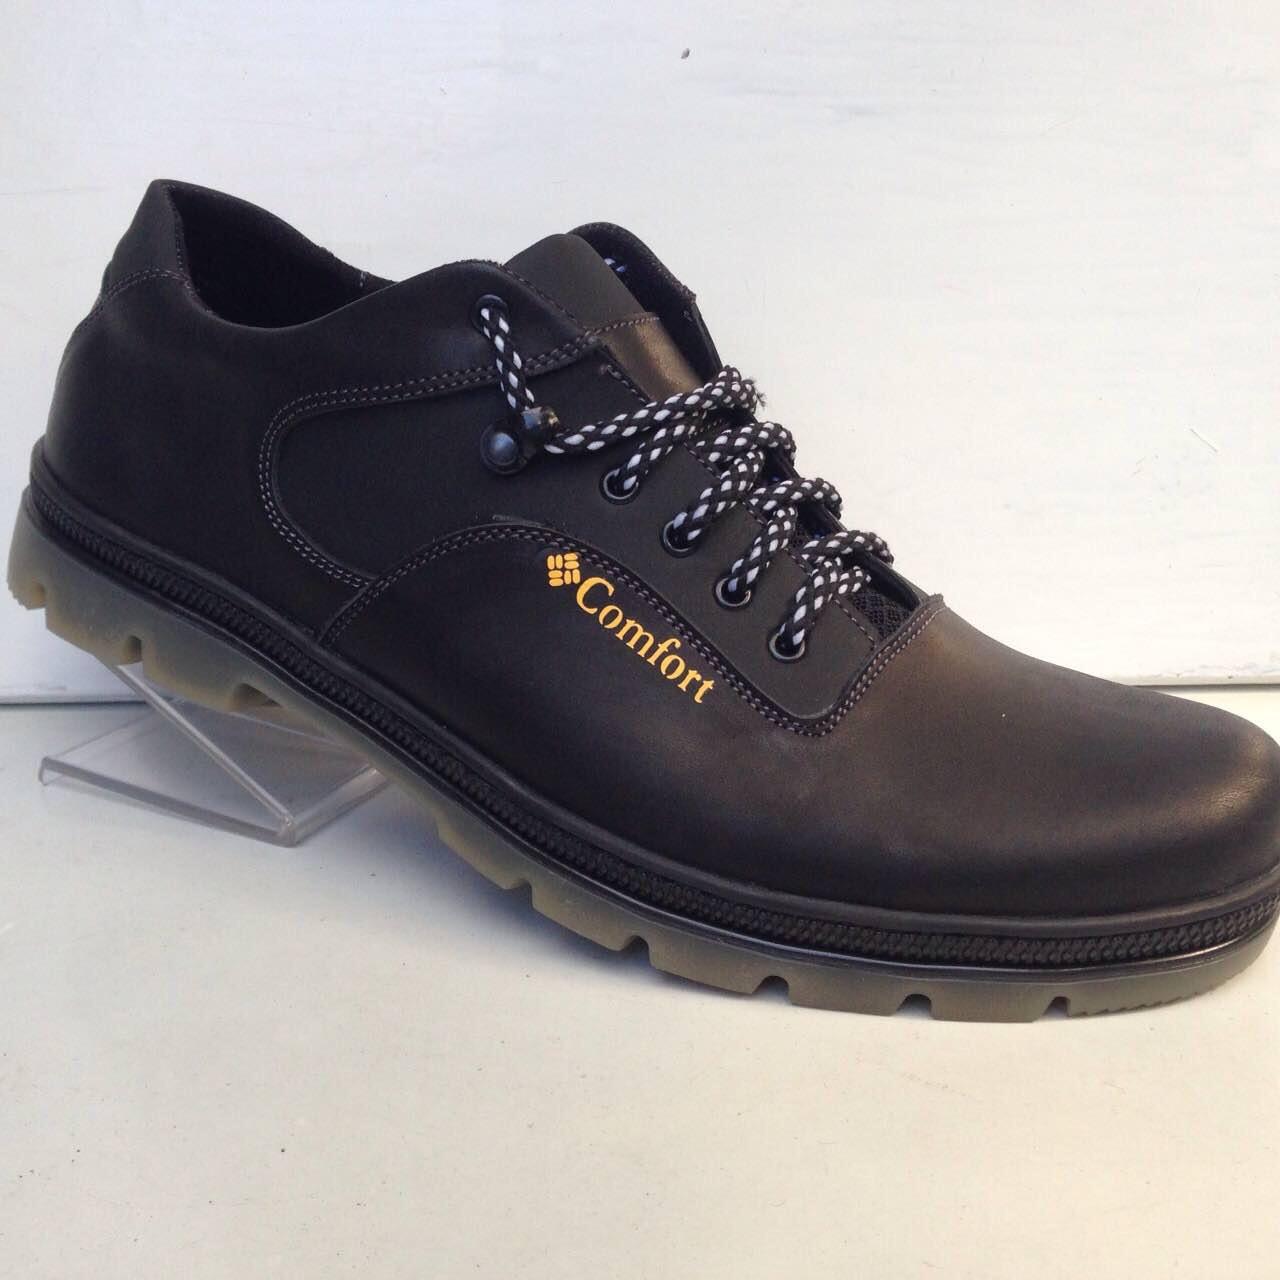 Мужские кожаные кроссовки Comfort, (большой размер)  р.46-50